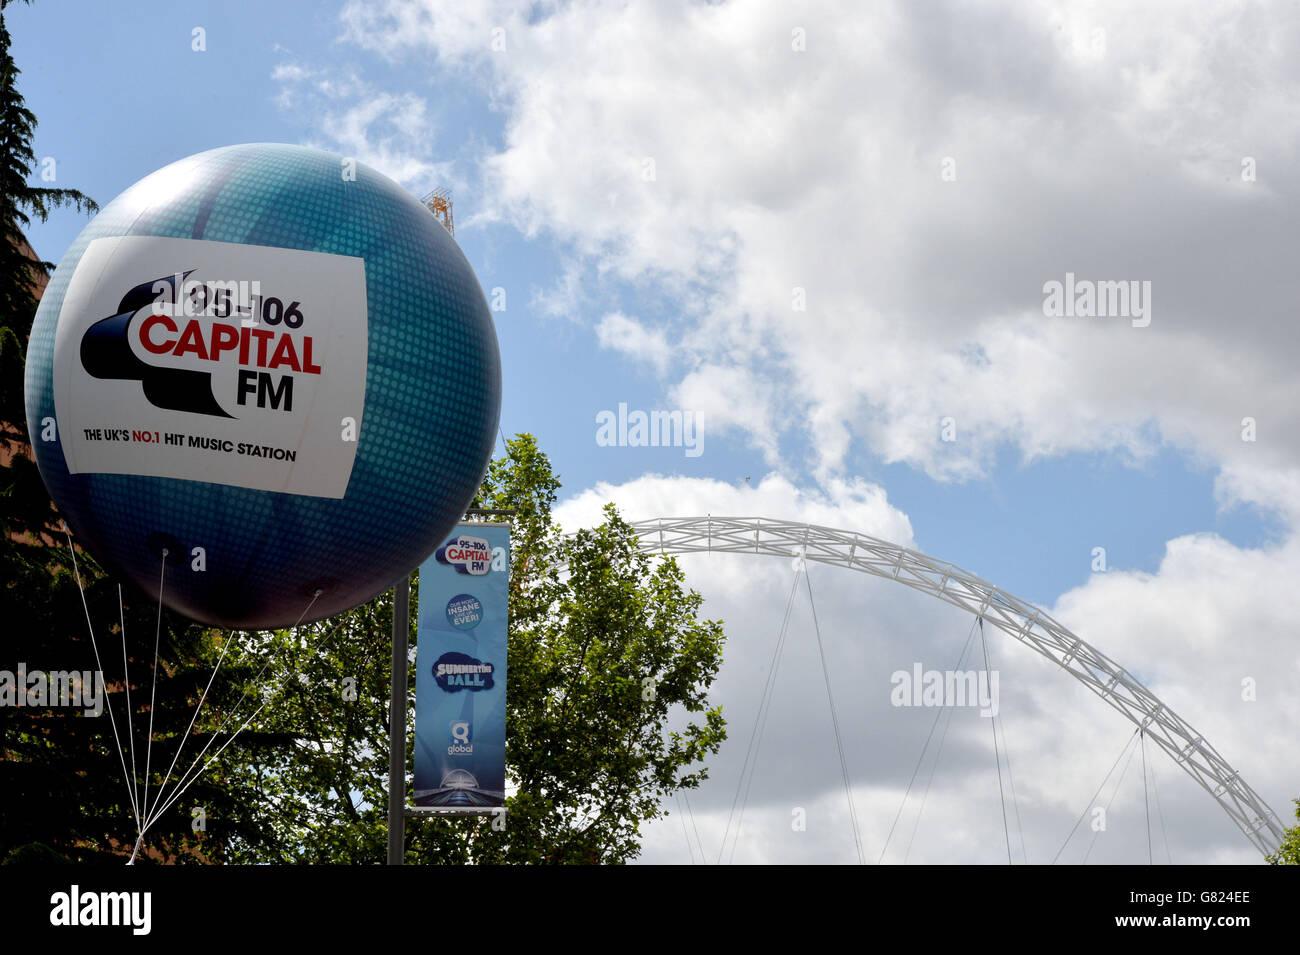 Capital FM Summertime Ball 2015 - London - Stock Image